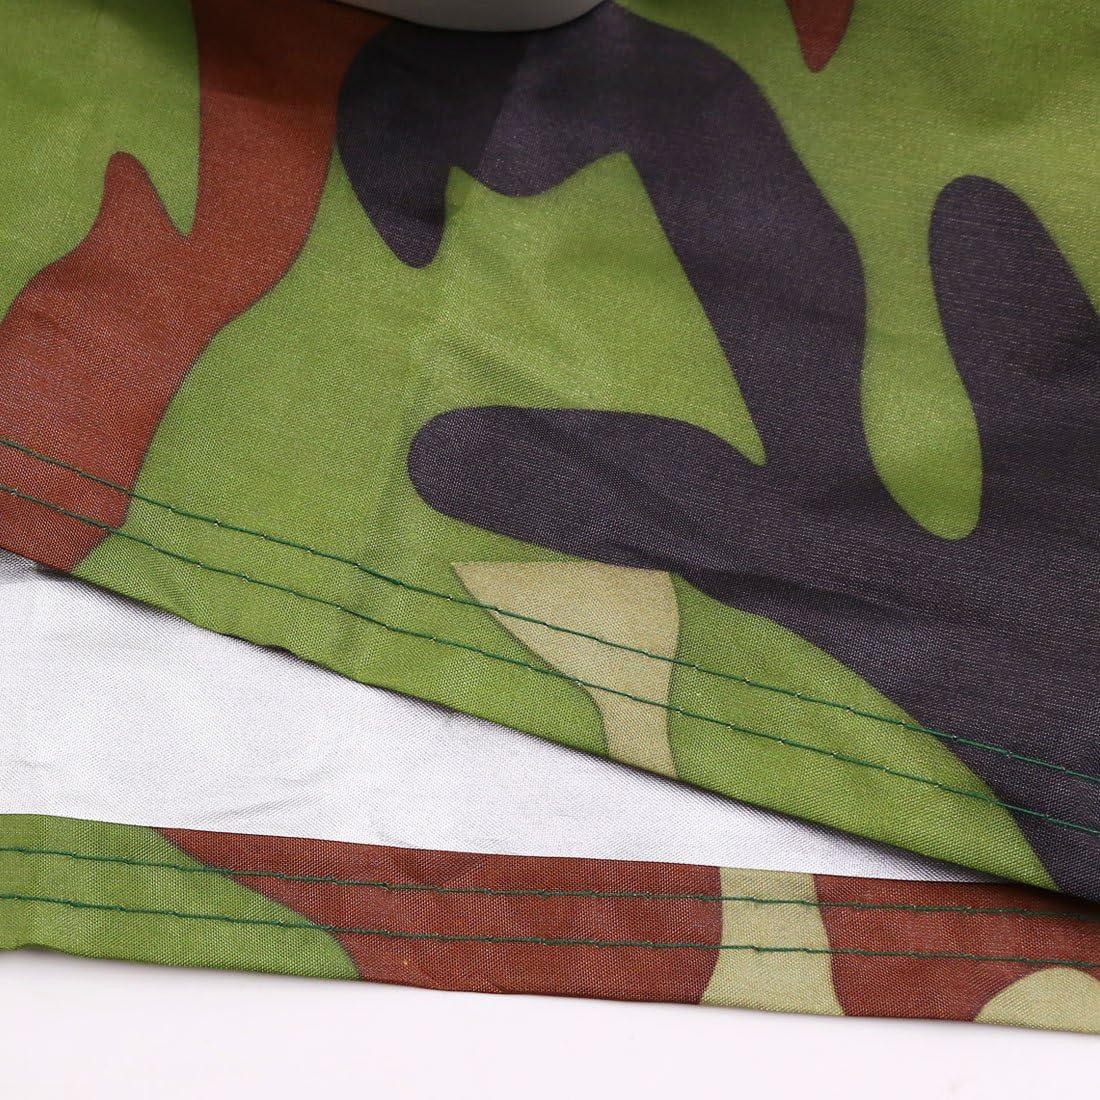 Couleur: Camouflage Housse de Protection B/âche pour Moto Scooter Couverture Etanche Imperm/éable en Polyester 190T prot/ège votre moto de la pluie Taille: XXXL poussi/ère Rayon UV